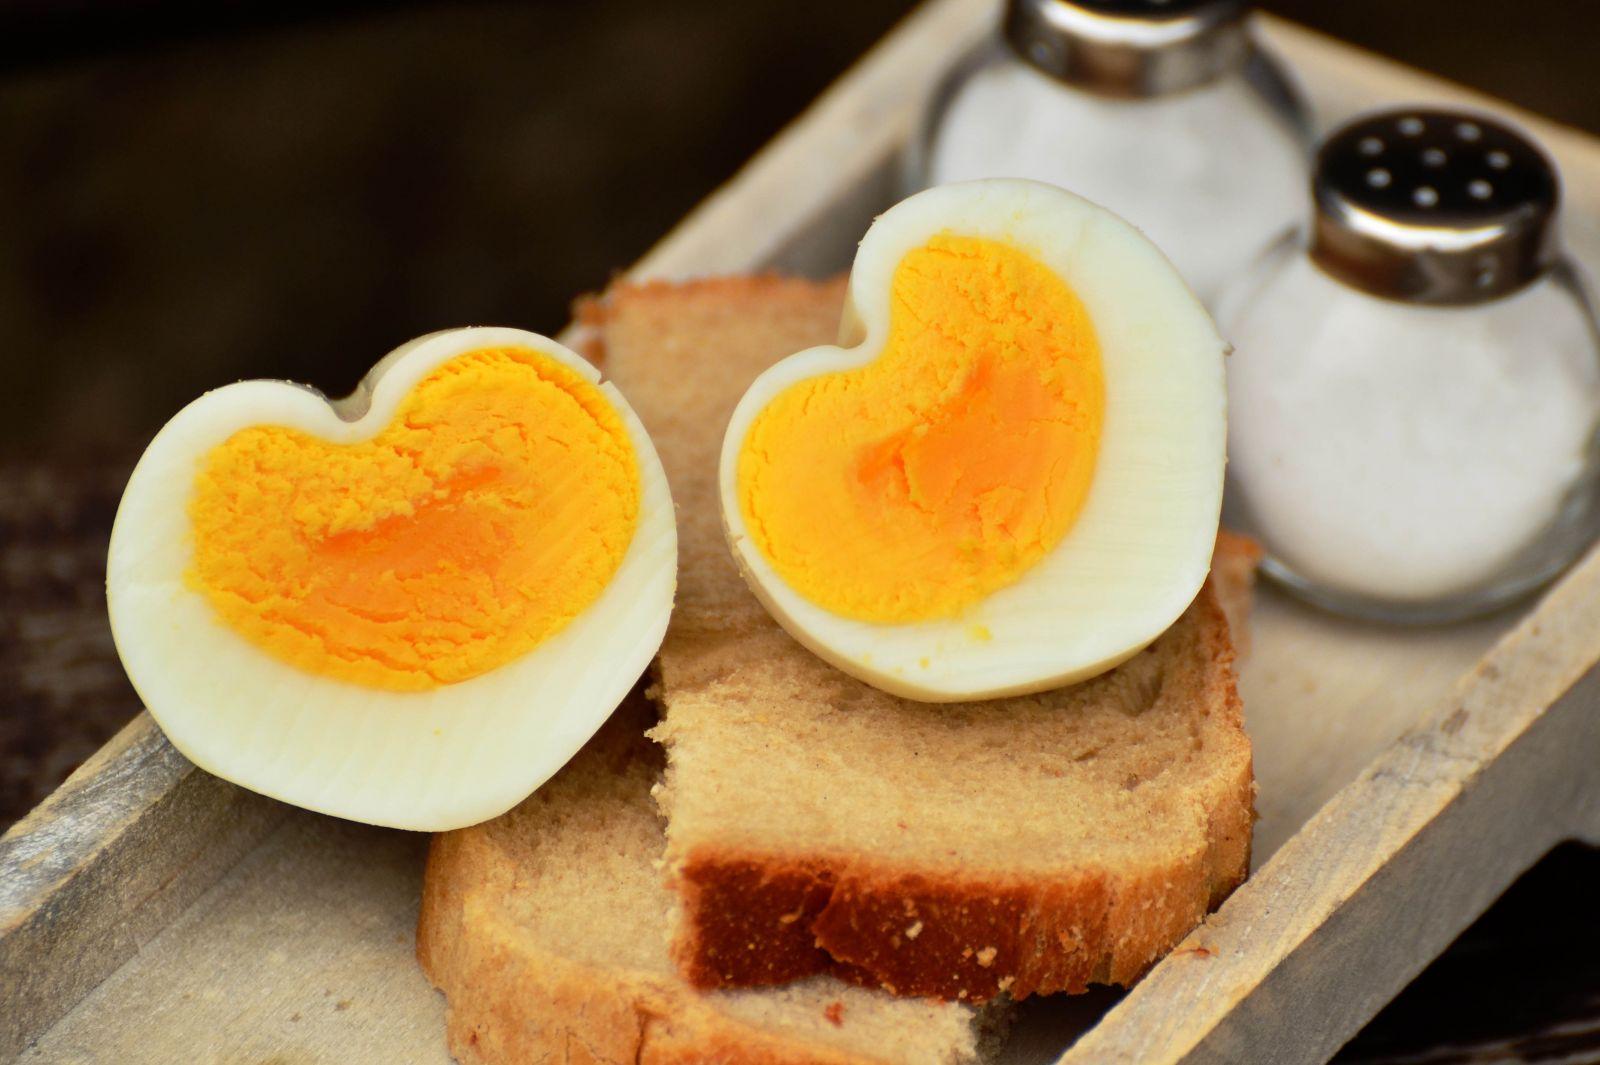 варени яйца закуска